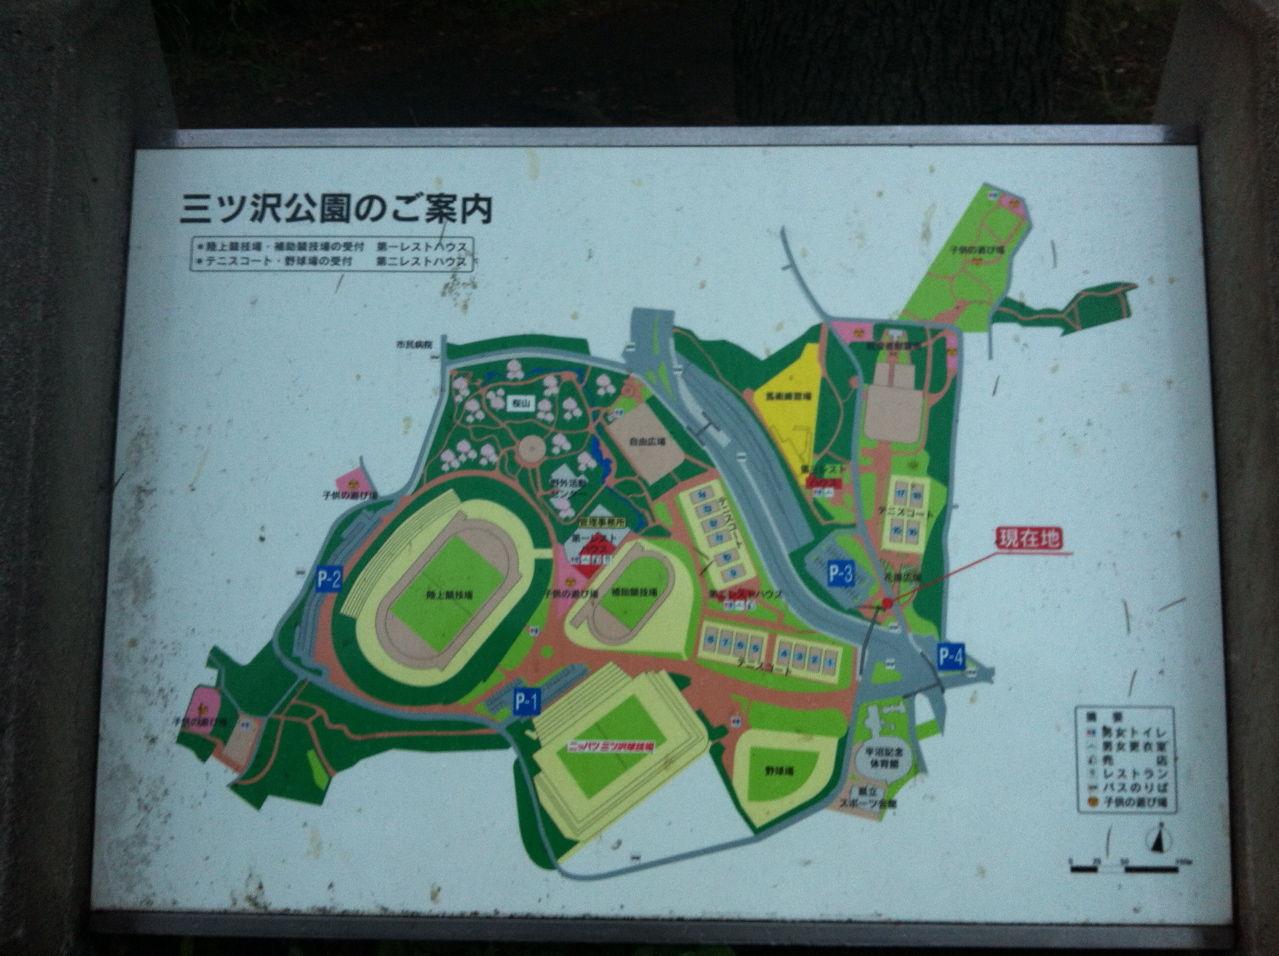 三ツ沢公園案内図